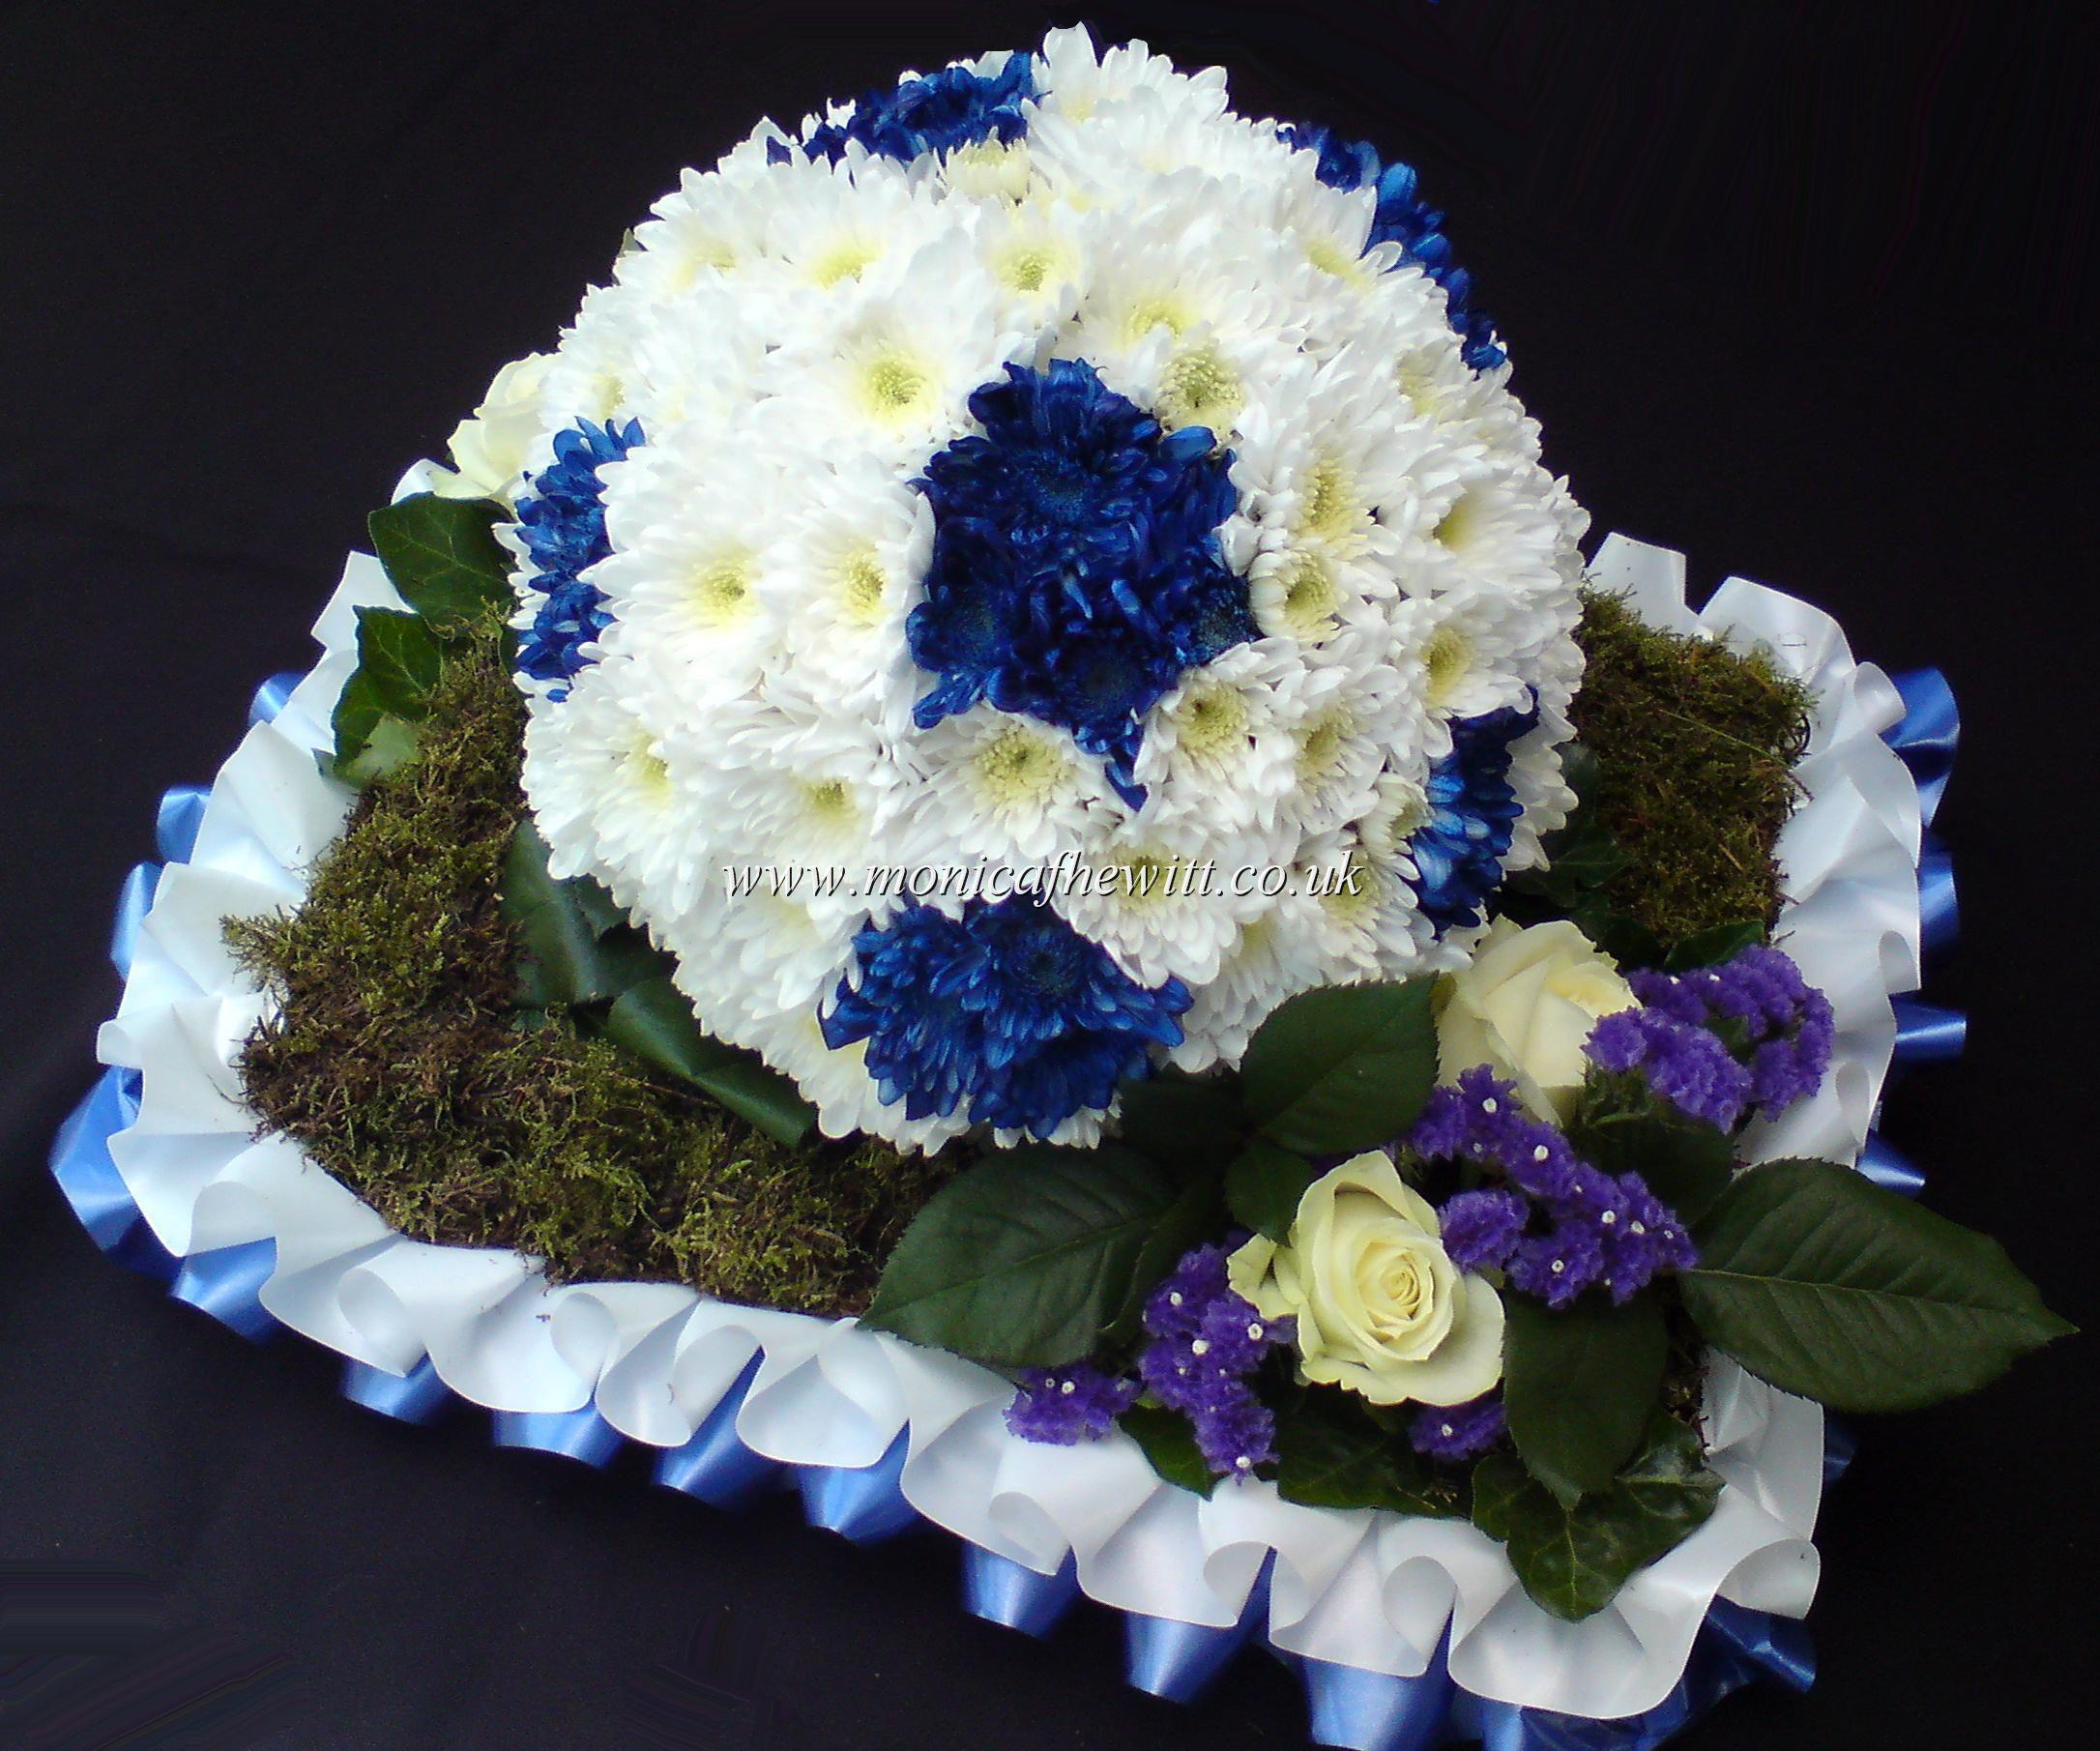 Football Funeral Flowers Monica F Hewitt Florist Sheffield